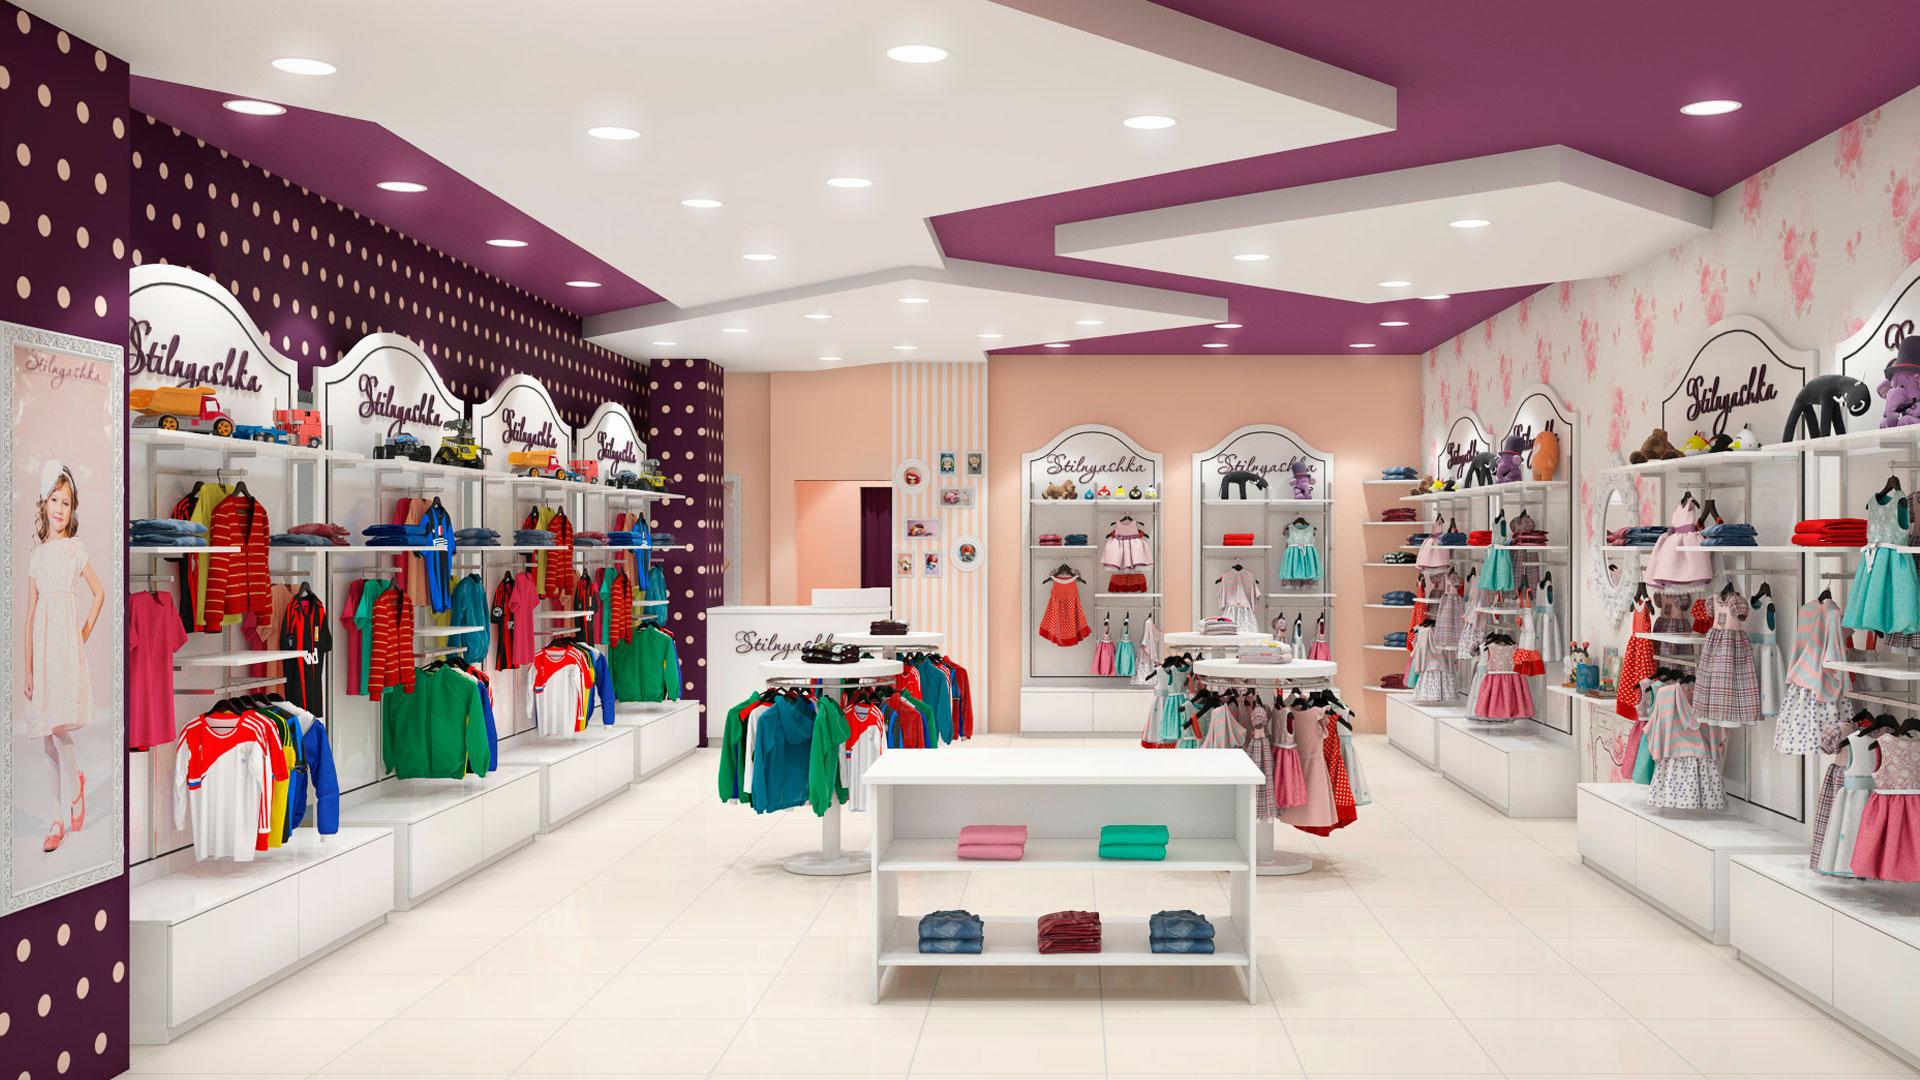 Бизнес-план интернет-магазина детских товаров  поставщики, создание магазина  и организация логистики 14d79ac79d9